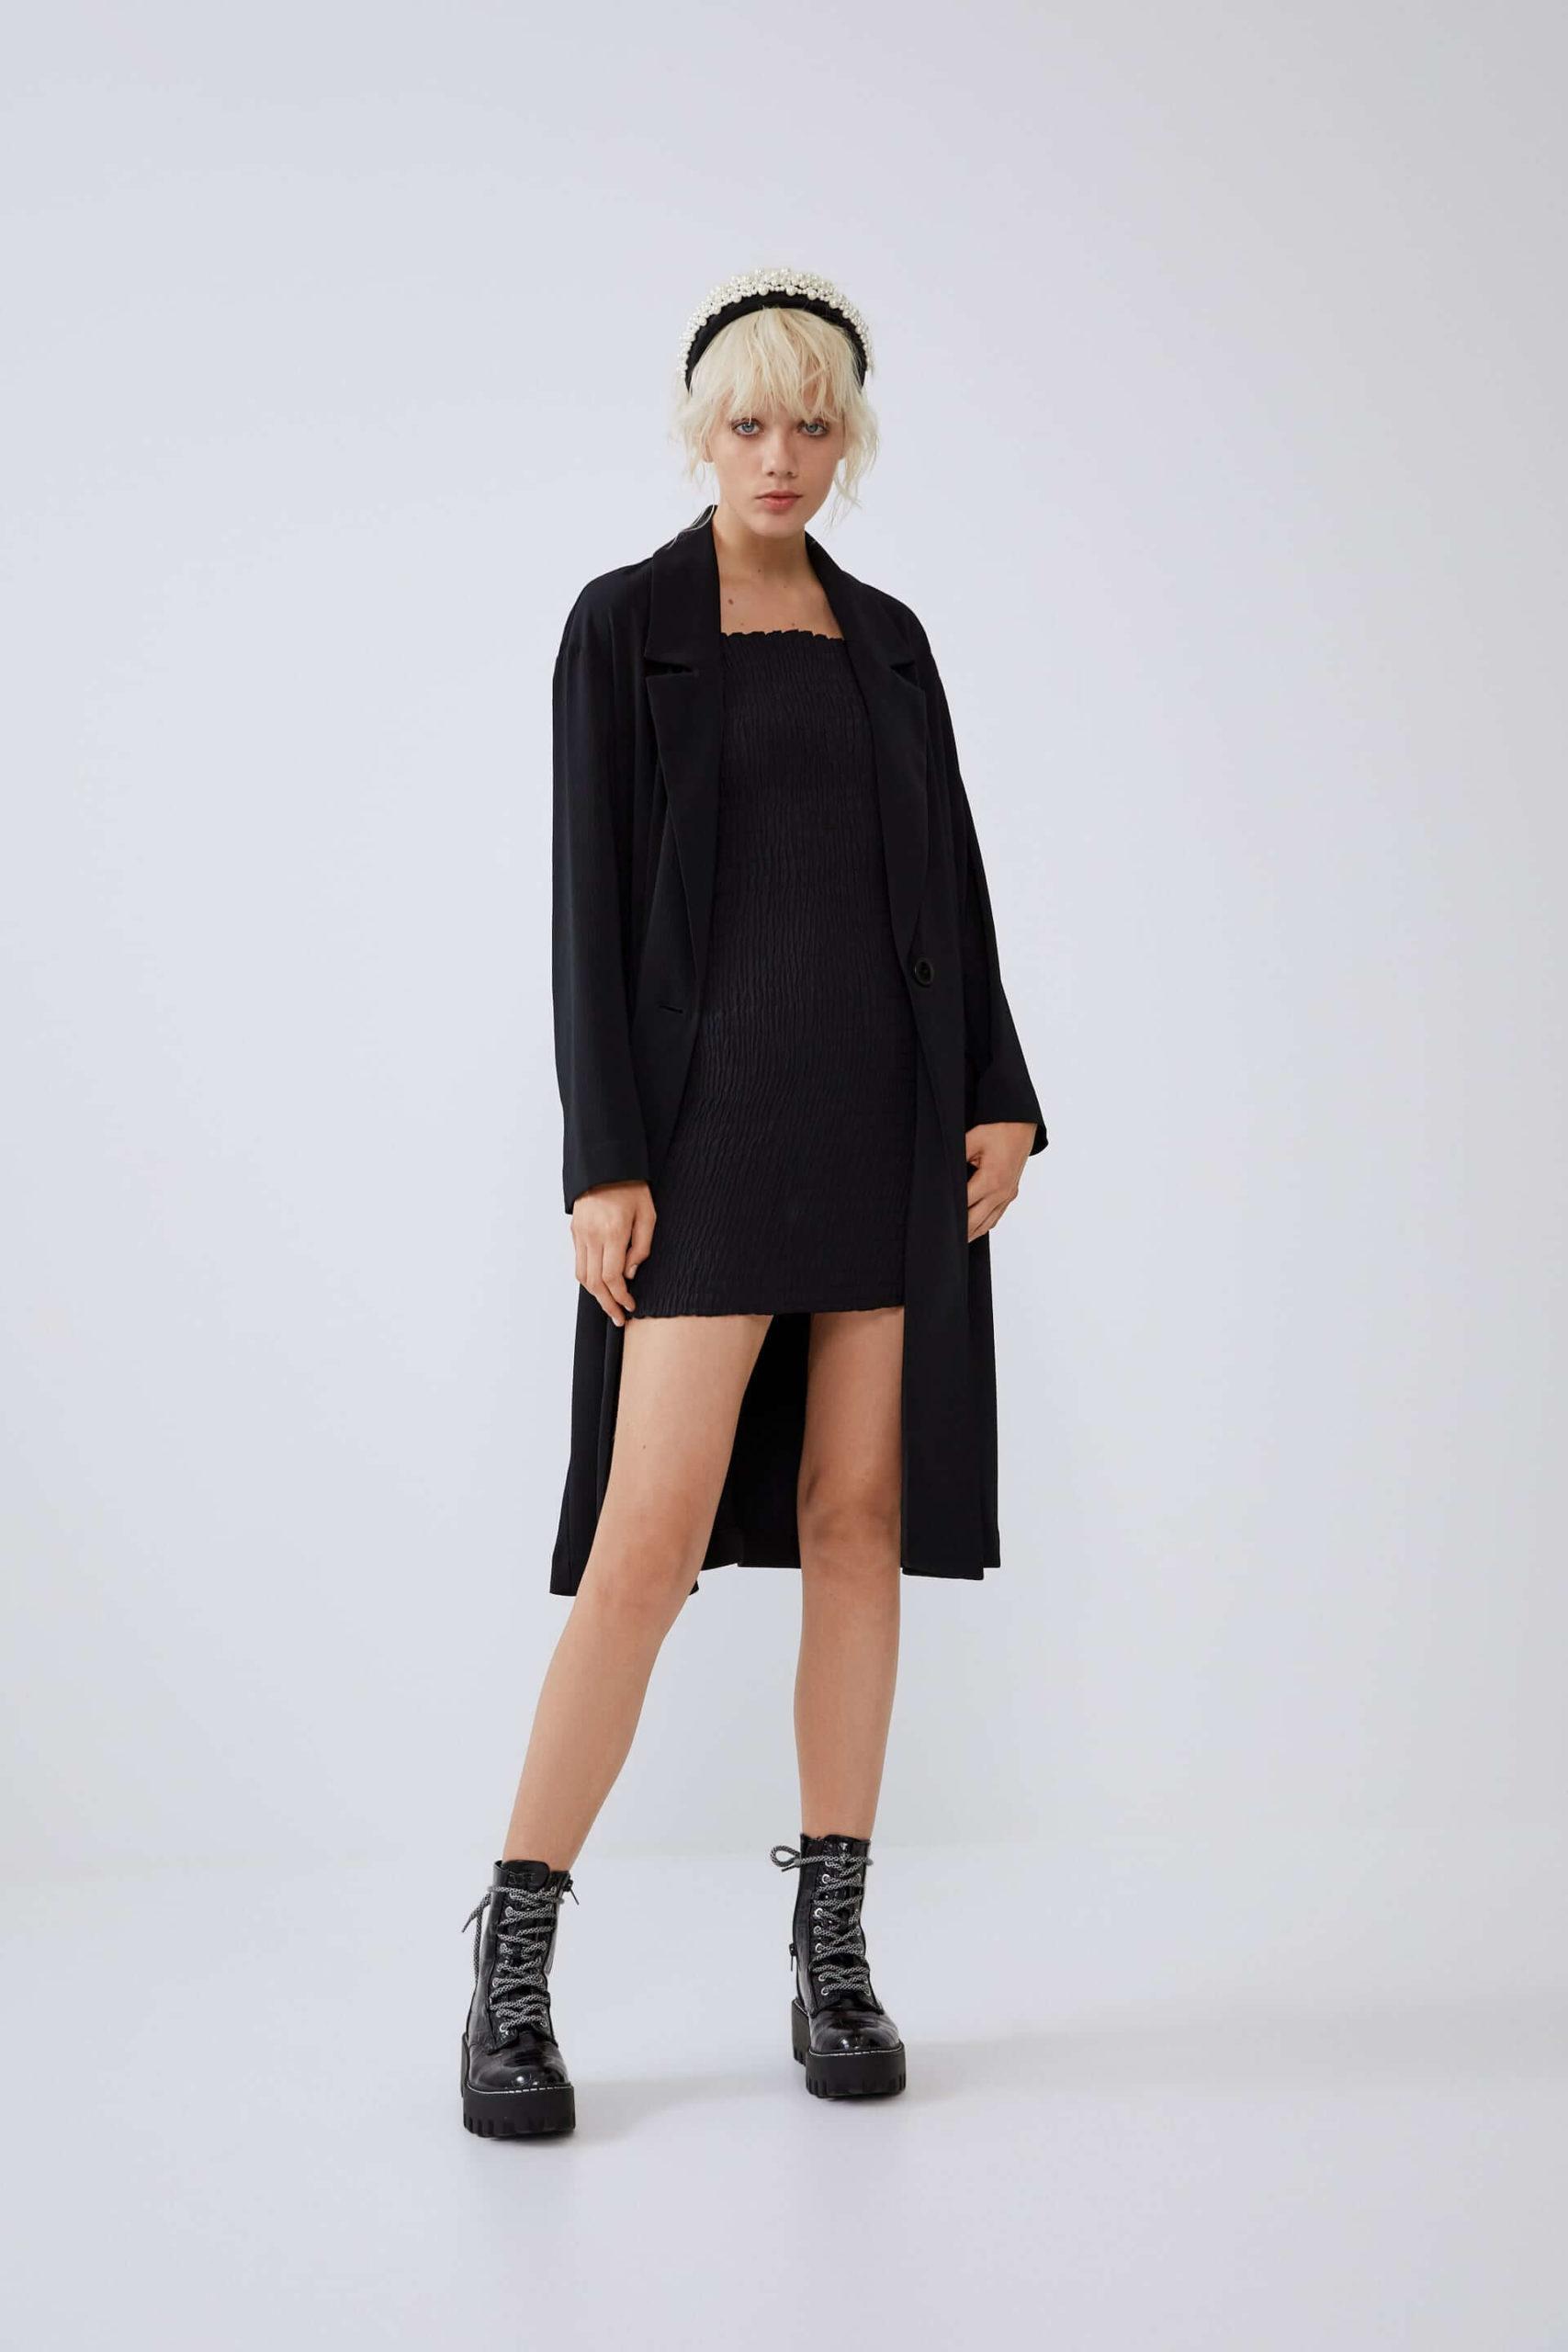 Zara Kadın Kaban Siyah